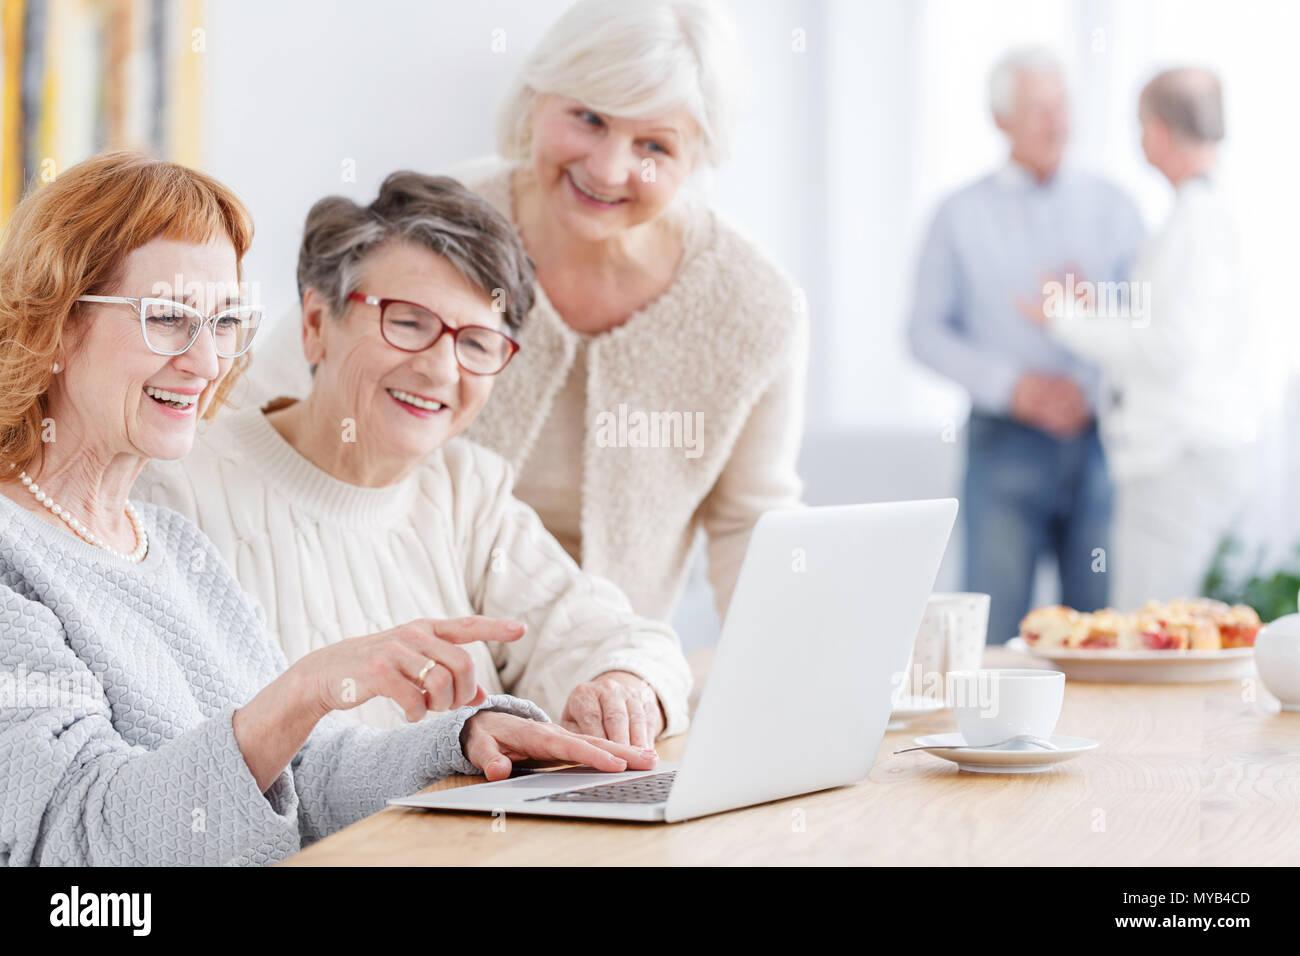 Trois femmes plus âgées ayant recours à l'ordinateur portable pour regarder des photos Banque D'Images